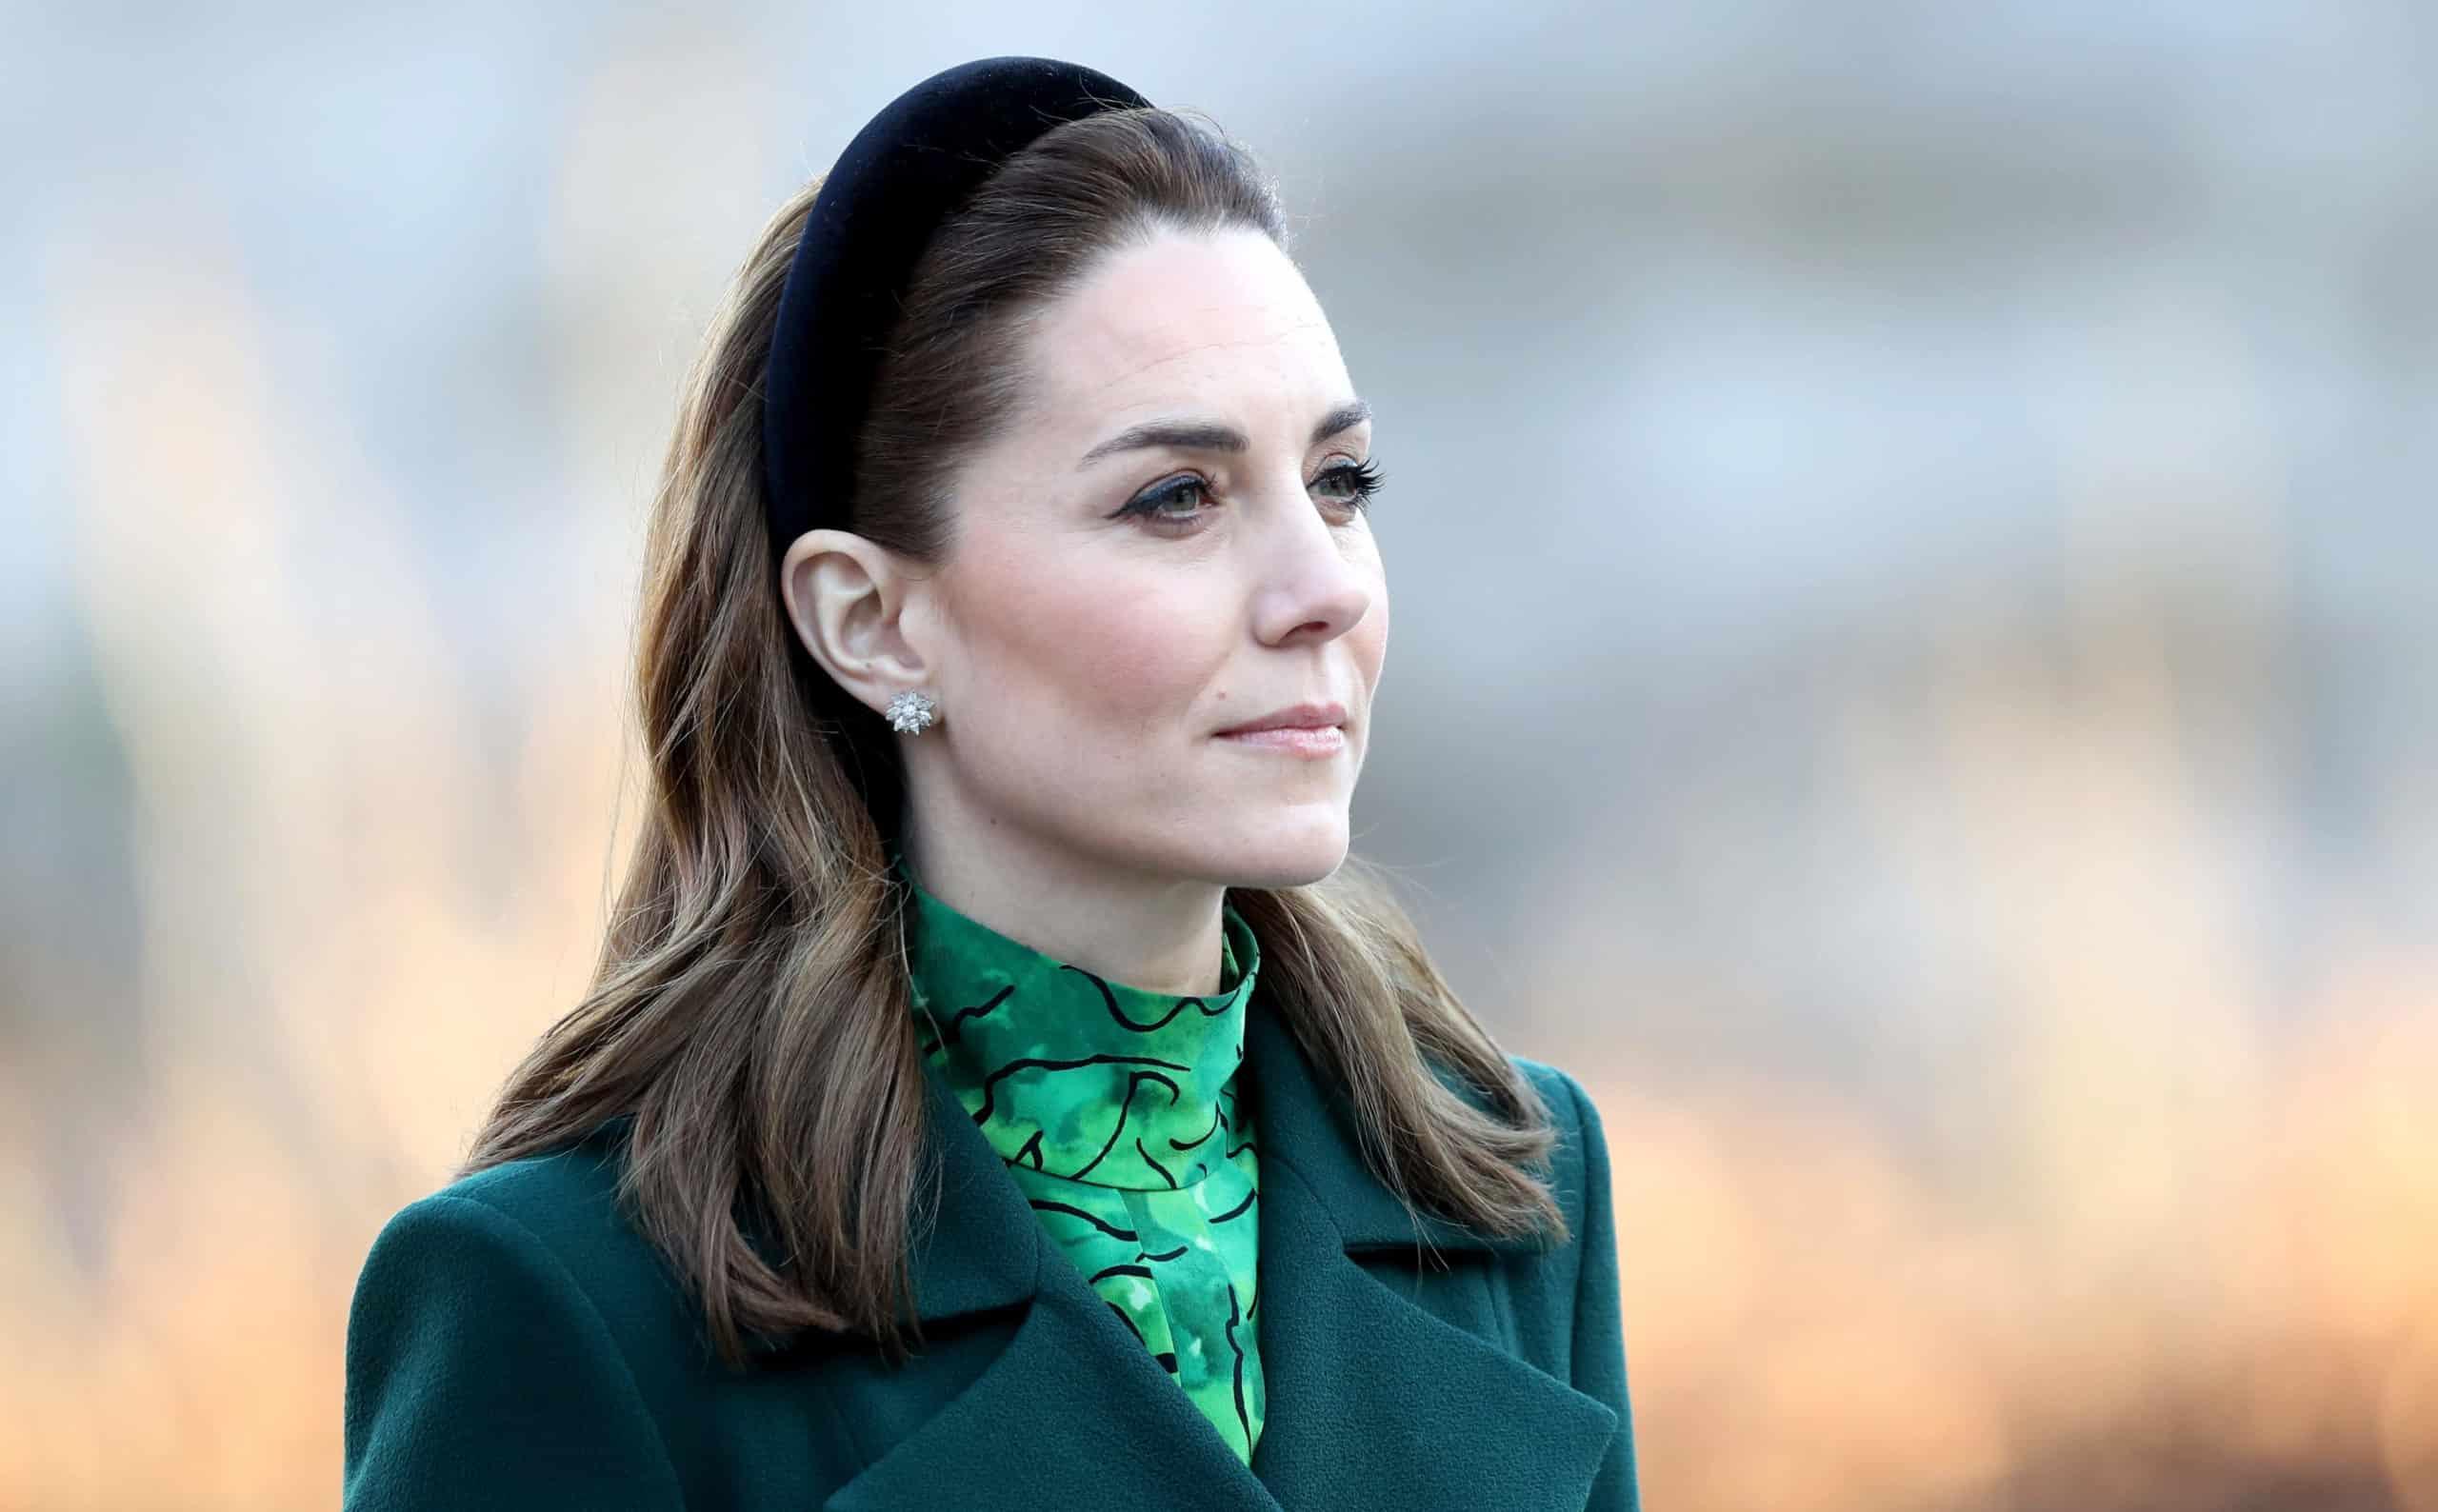 Herzogin Kate wurde gemobbt